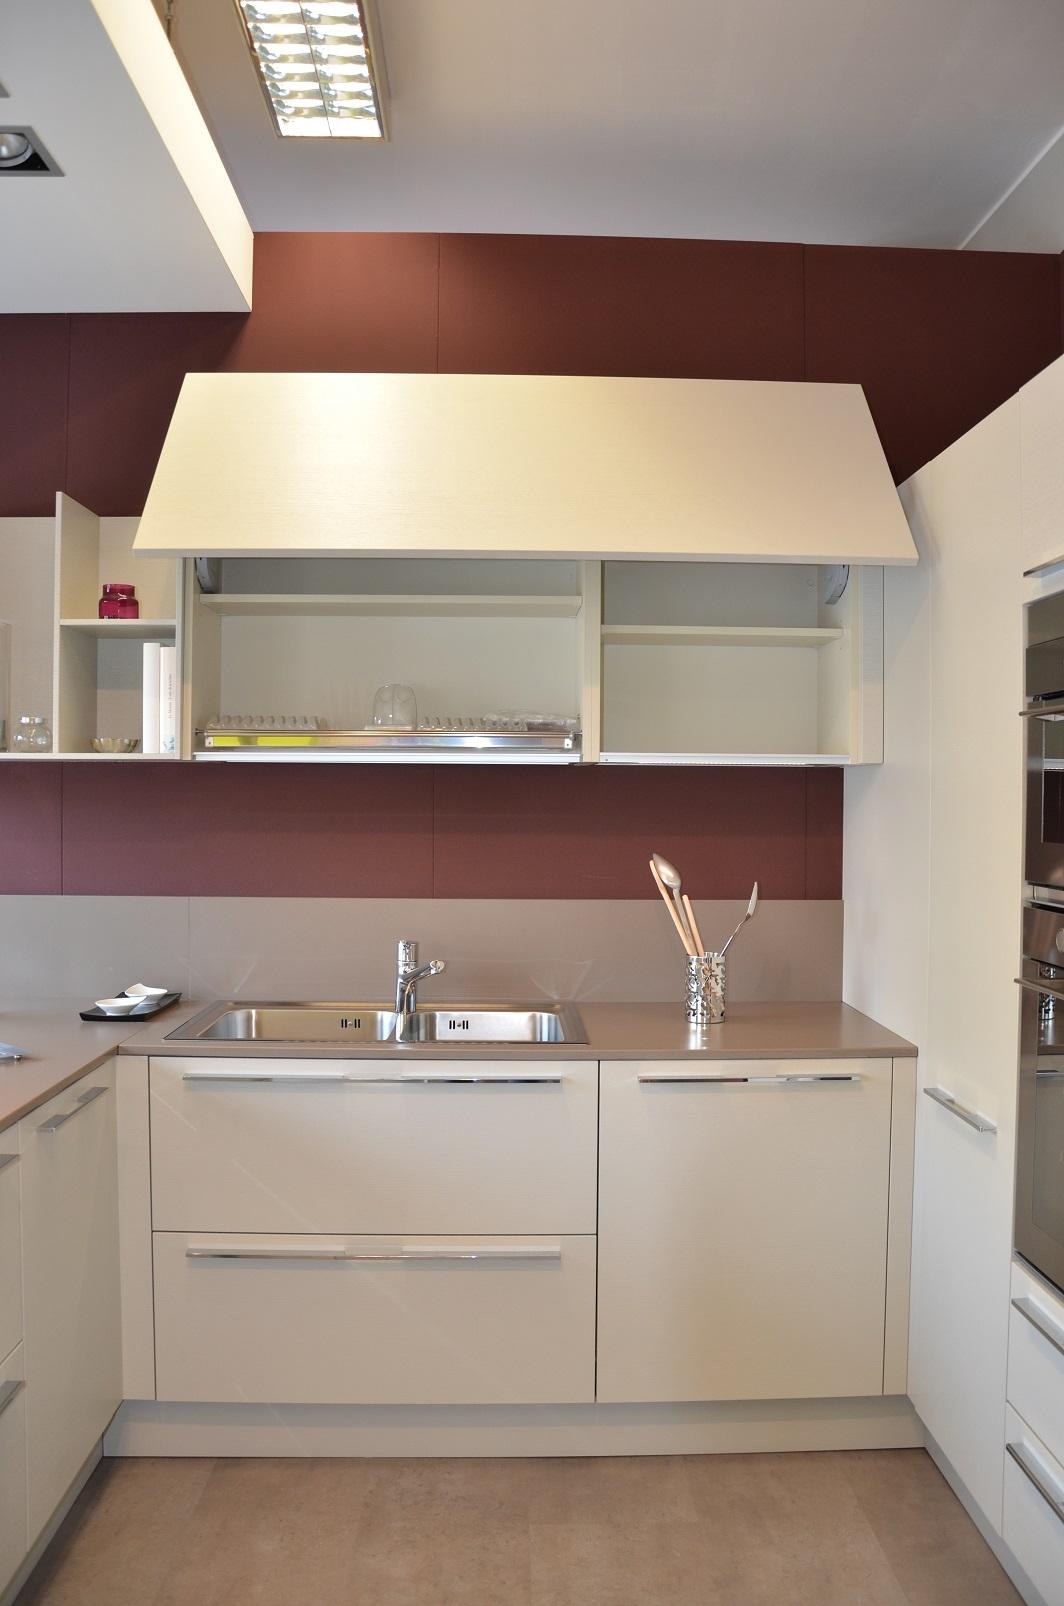 Cucina euromobil e25 moderna legno cucine a prezzi scontati - Furgone attrezzato con cucina ...